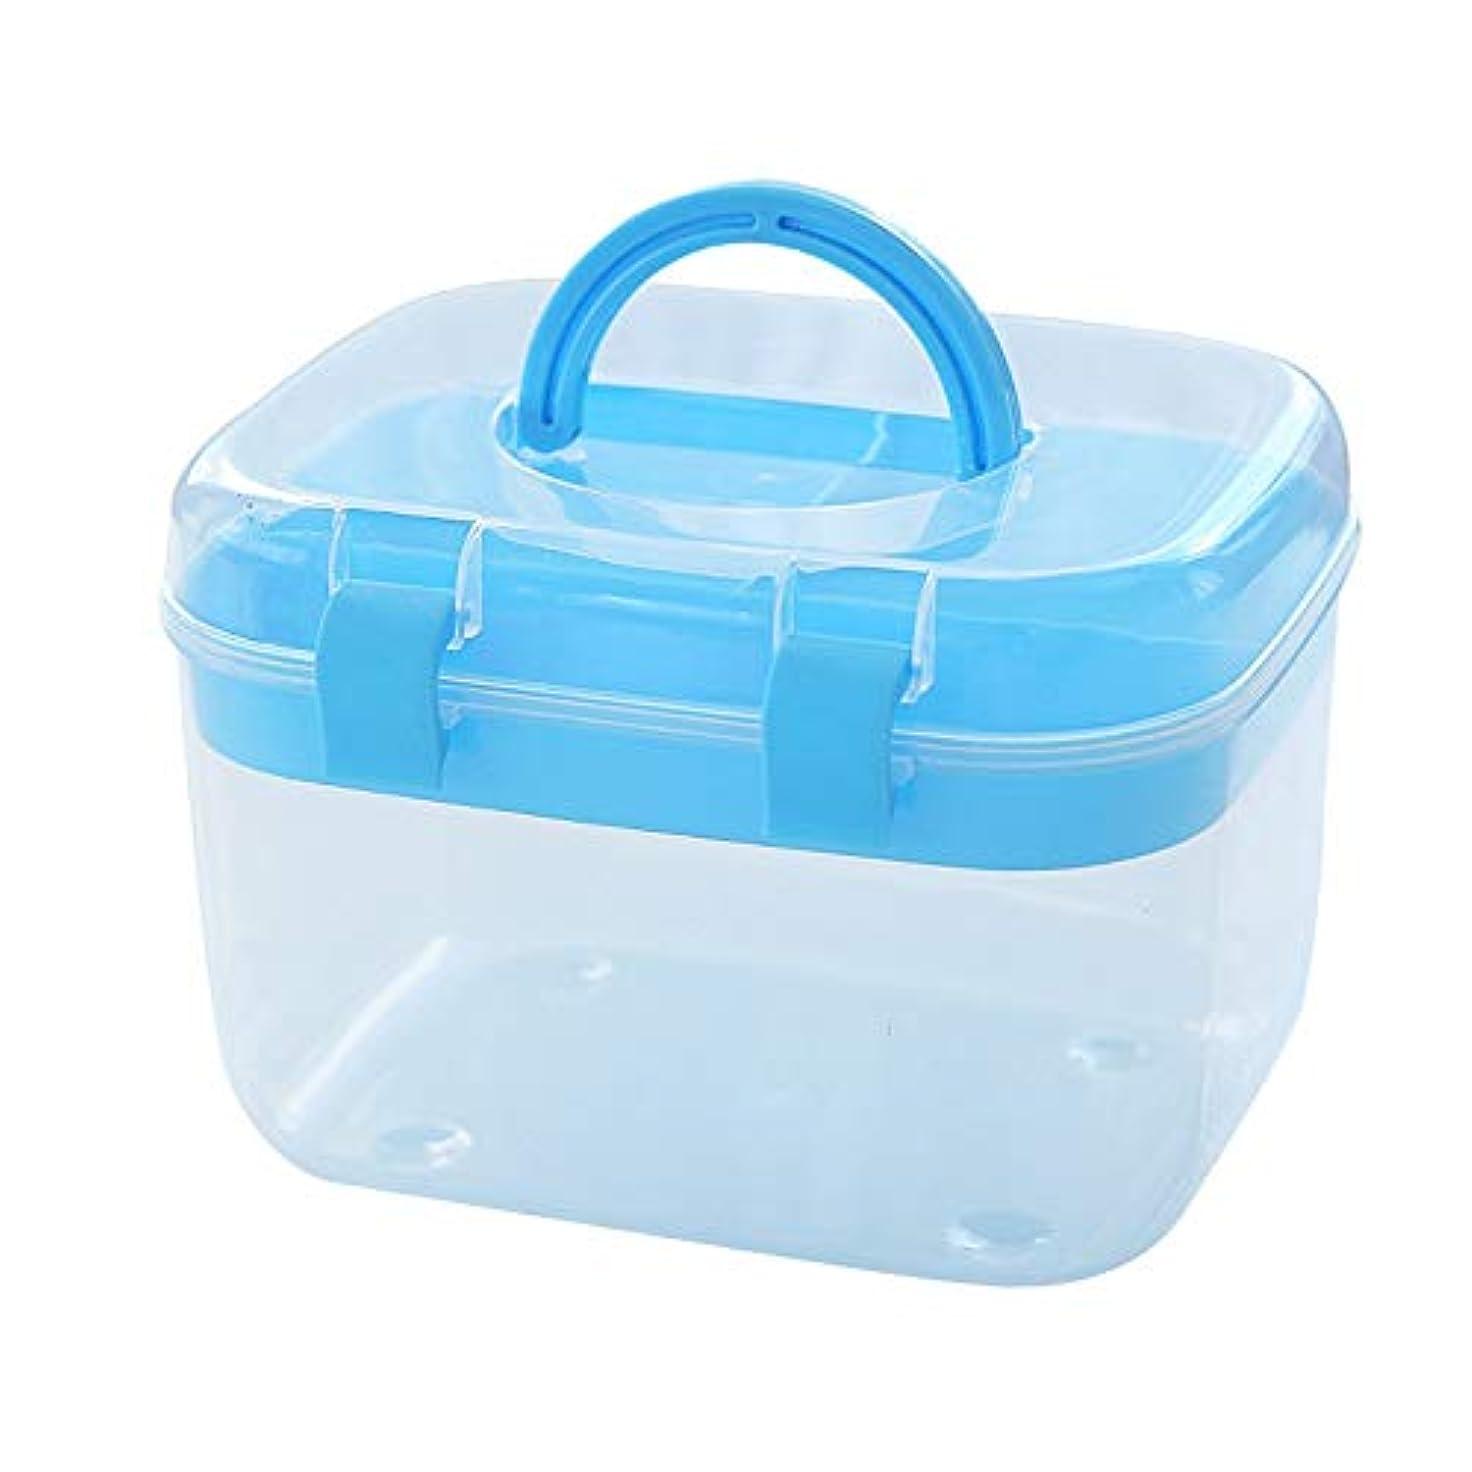 最初は信頼できる評論家ZHILIAN& 応急処置キット家庭用薬収納ボックスポータブルポータブル多機能収納ボックスツールボックス三色オプション15×10×11センチ (Color : Blue)